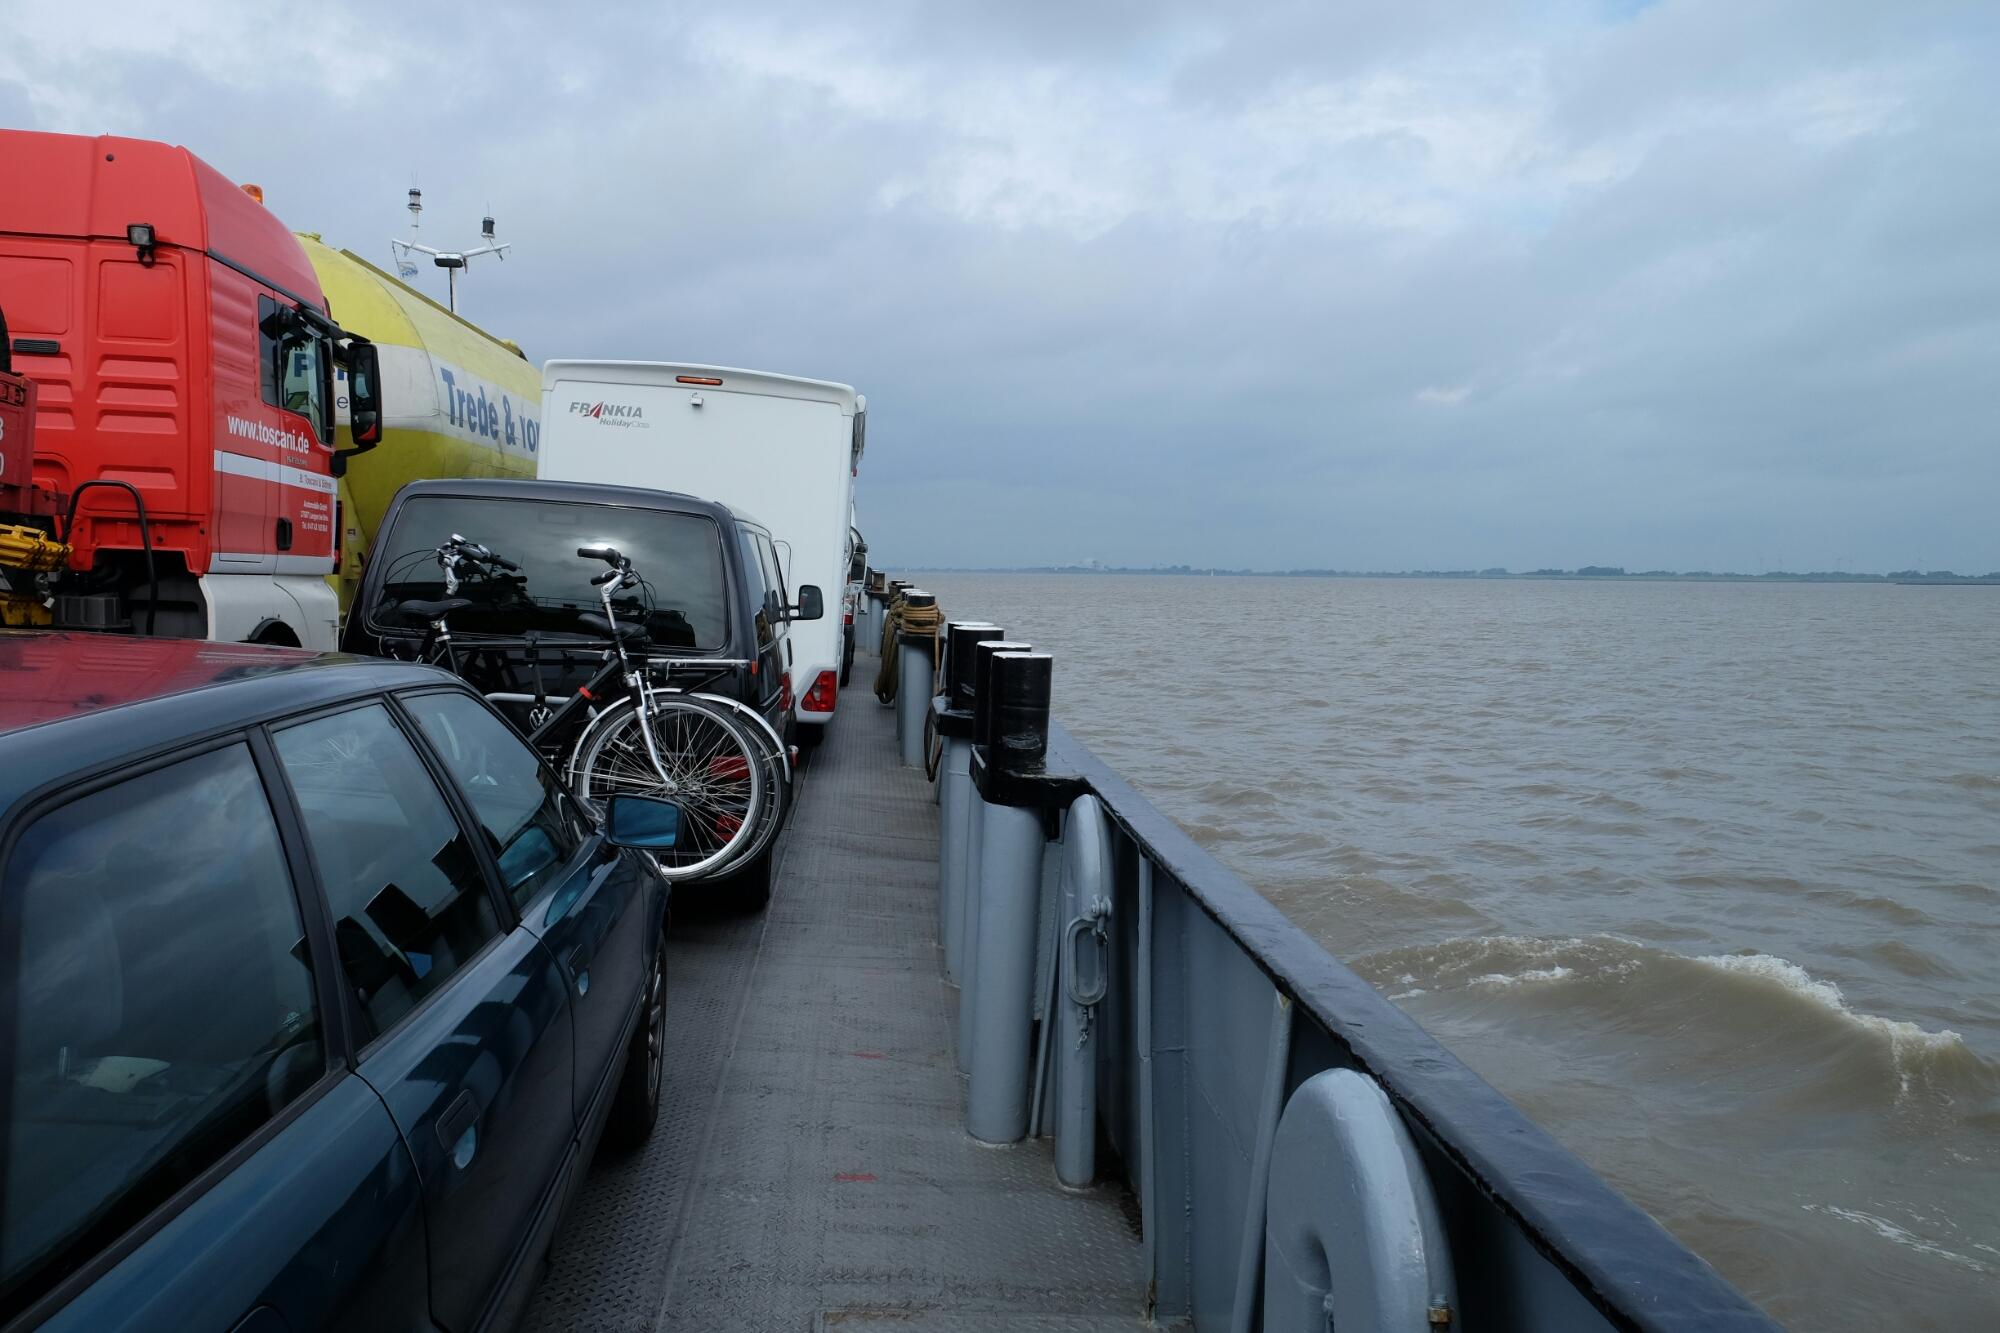 Fähre über die Elbe von Glückstadt nach Wischhafen